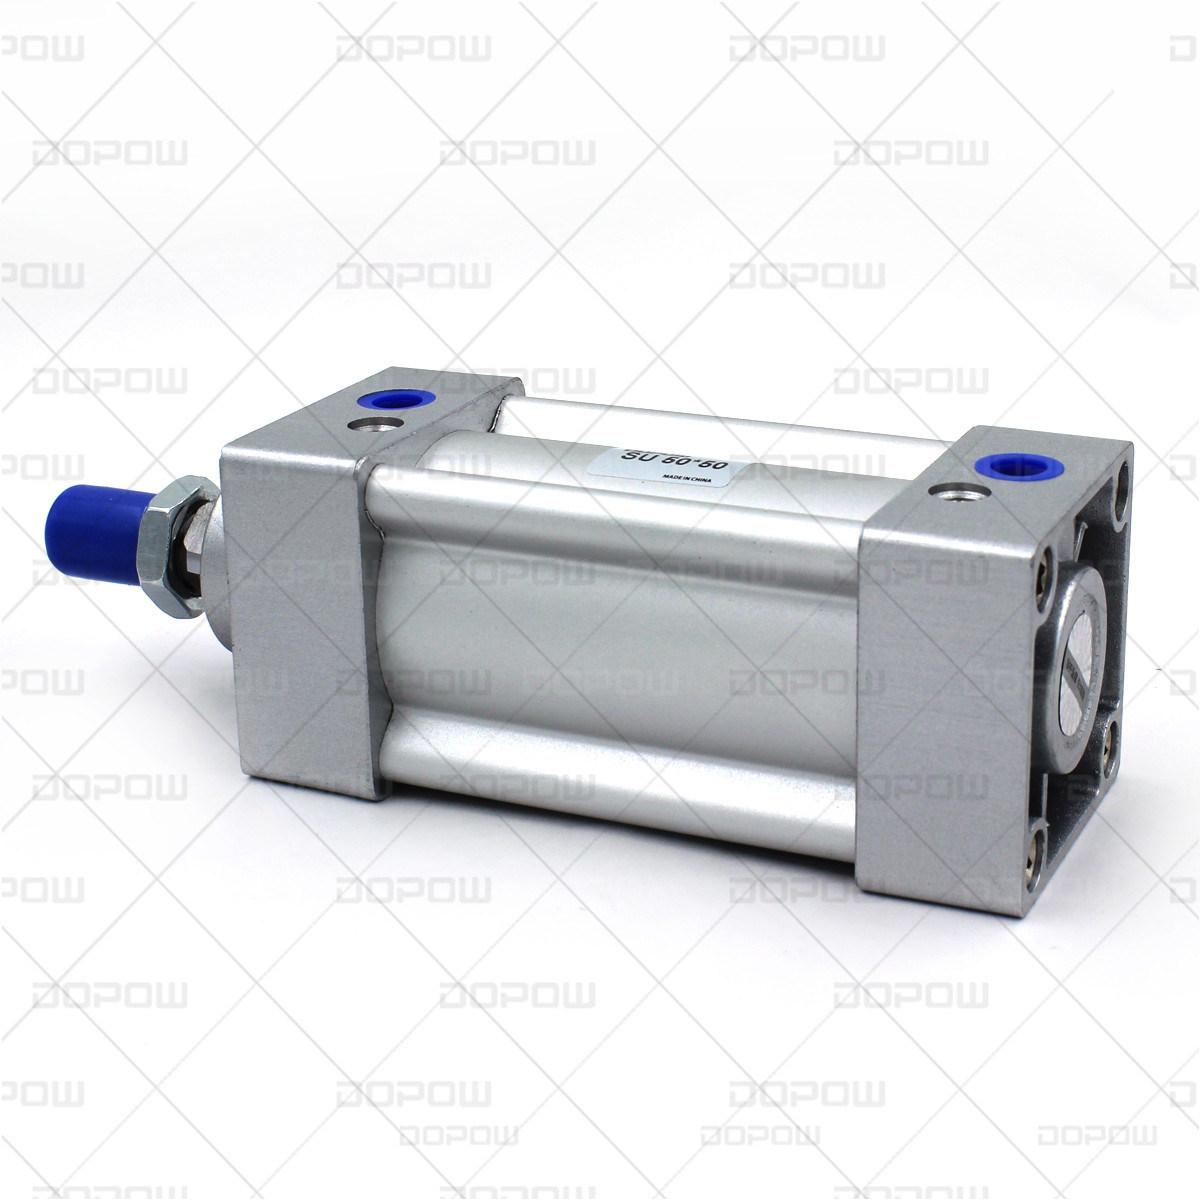 Dopow Su 50X50 Standard Cylinder